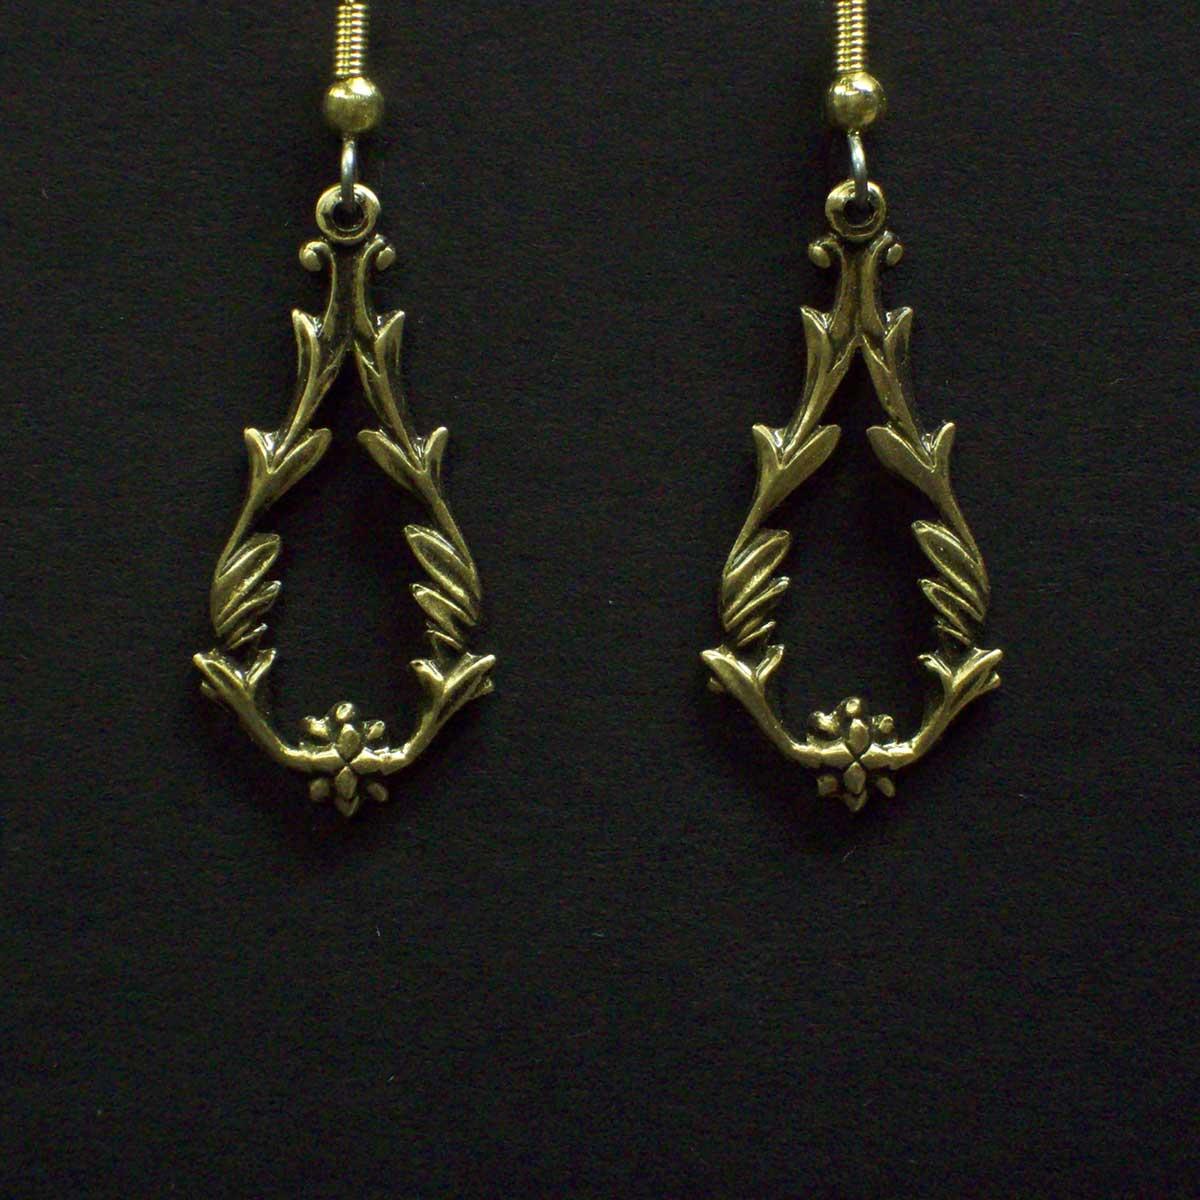 Fancy Victorian Teardrop Earrings